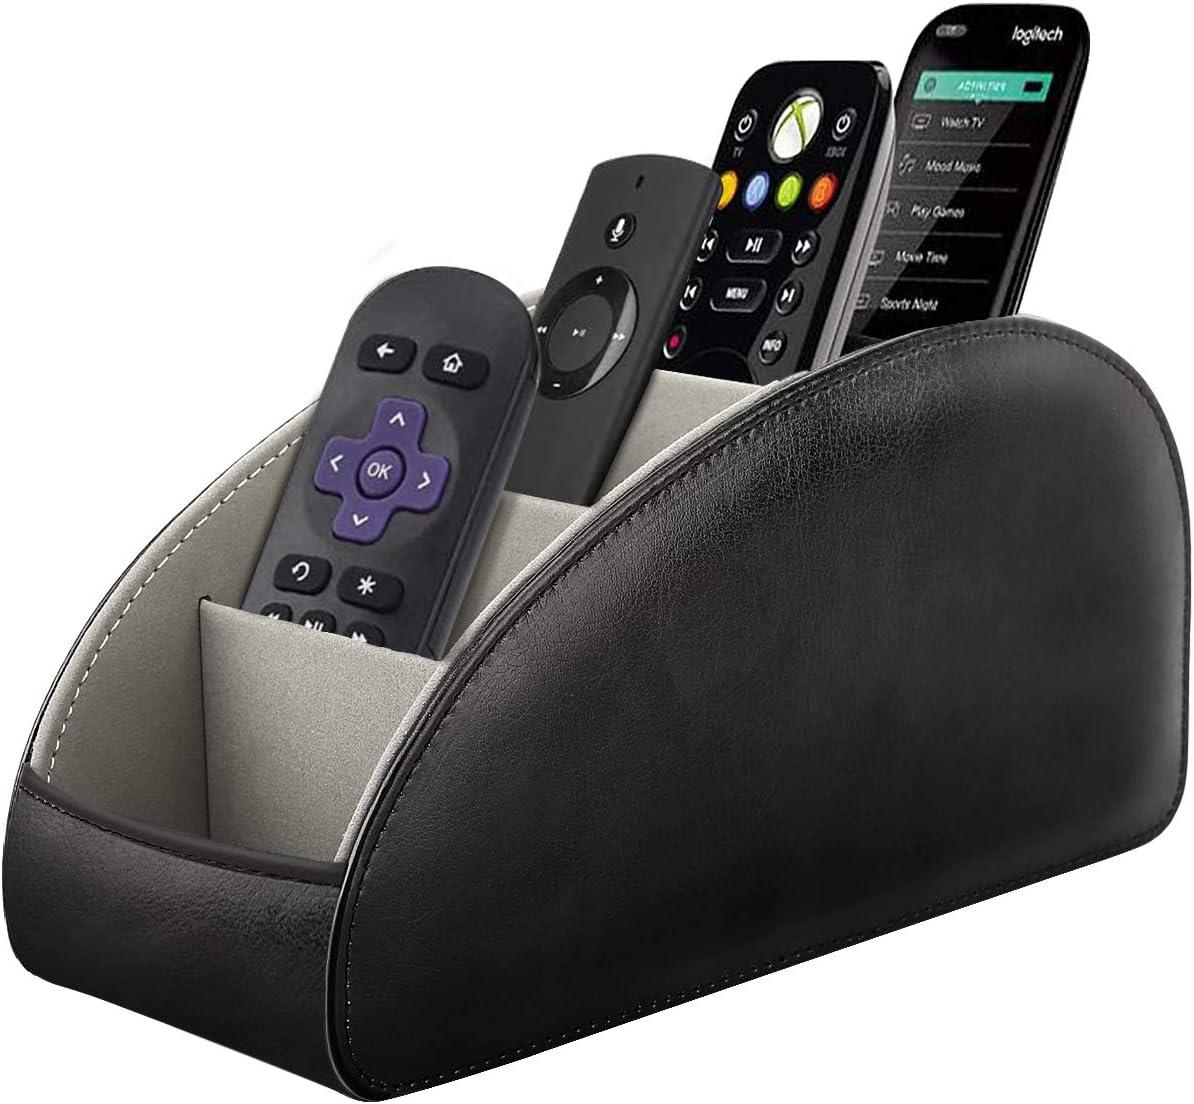 TiMOVO Remote Control Holder, [5 Compartments] PU Leather TV Remote Organizer Remote Caddy Desktop Organizer for Remote Controllers, Office Supplies, Makeup Brush, Media Accessories - Black